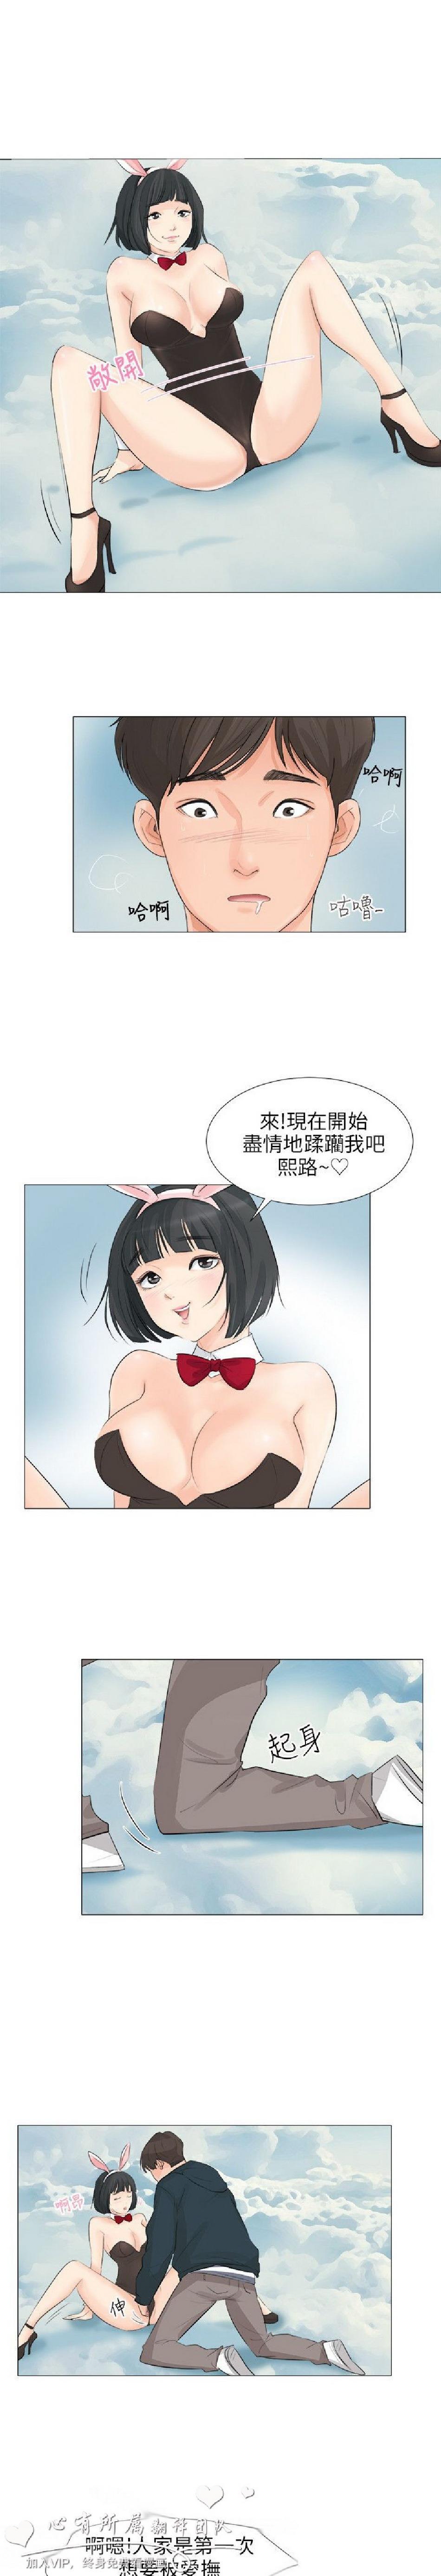 小褲褲精靈第24話第1頁-漫畫聯合國